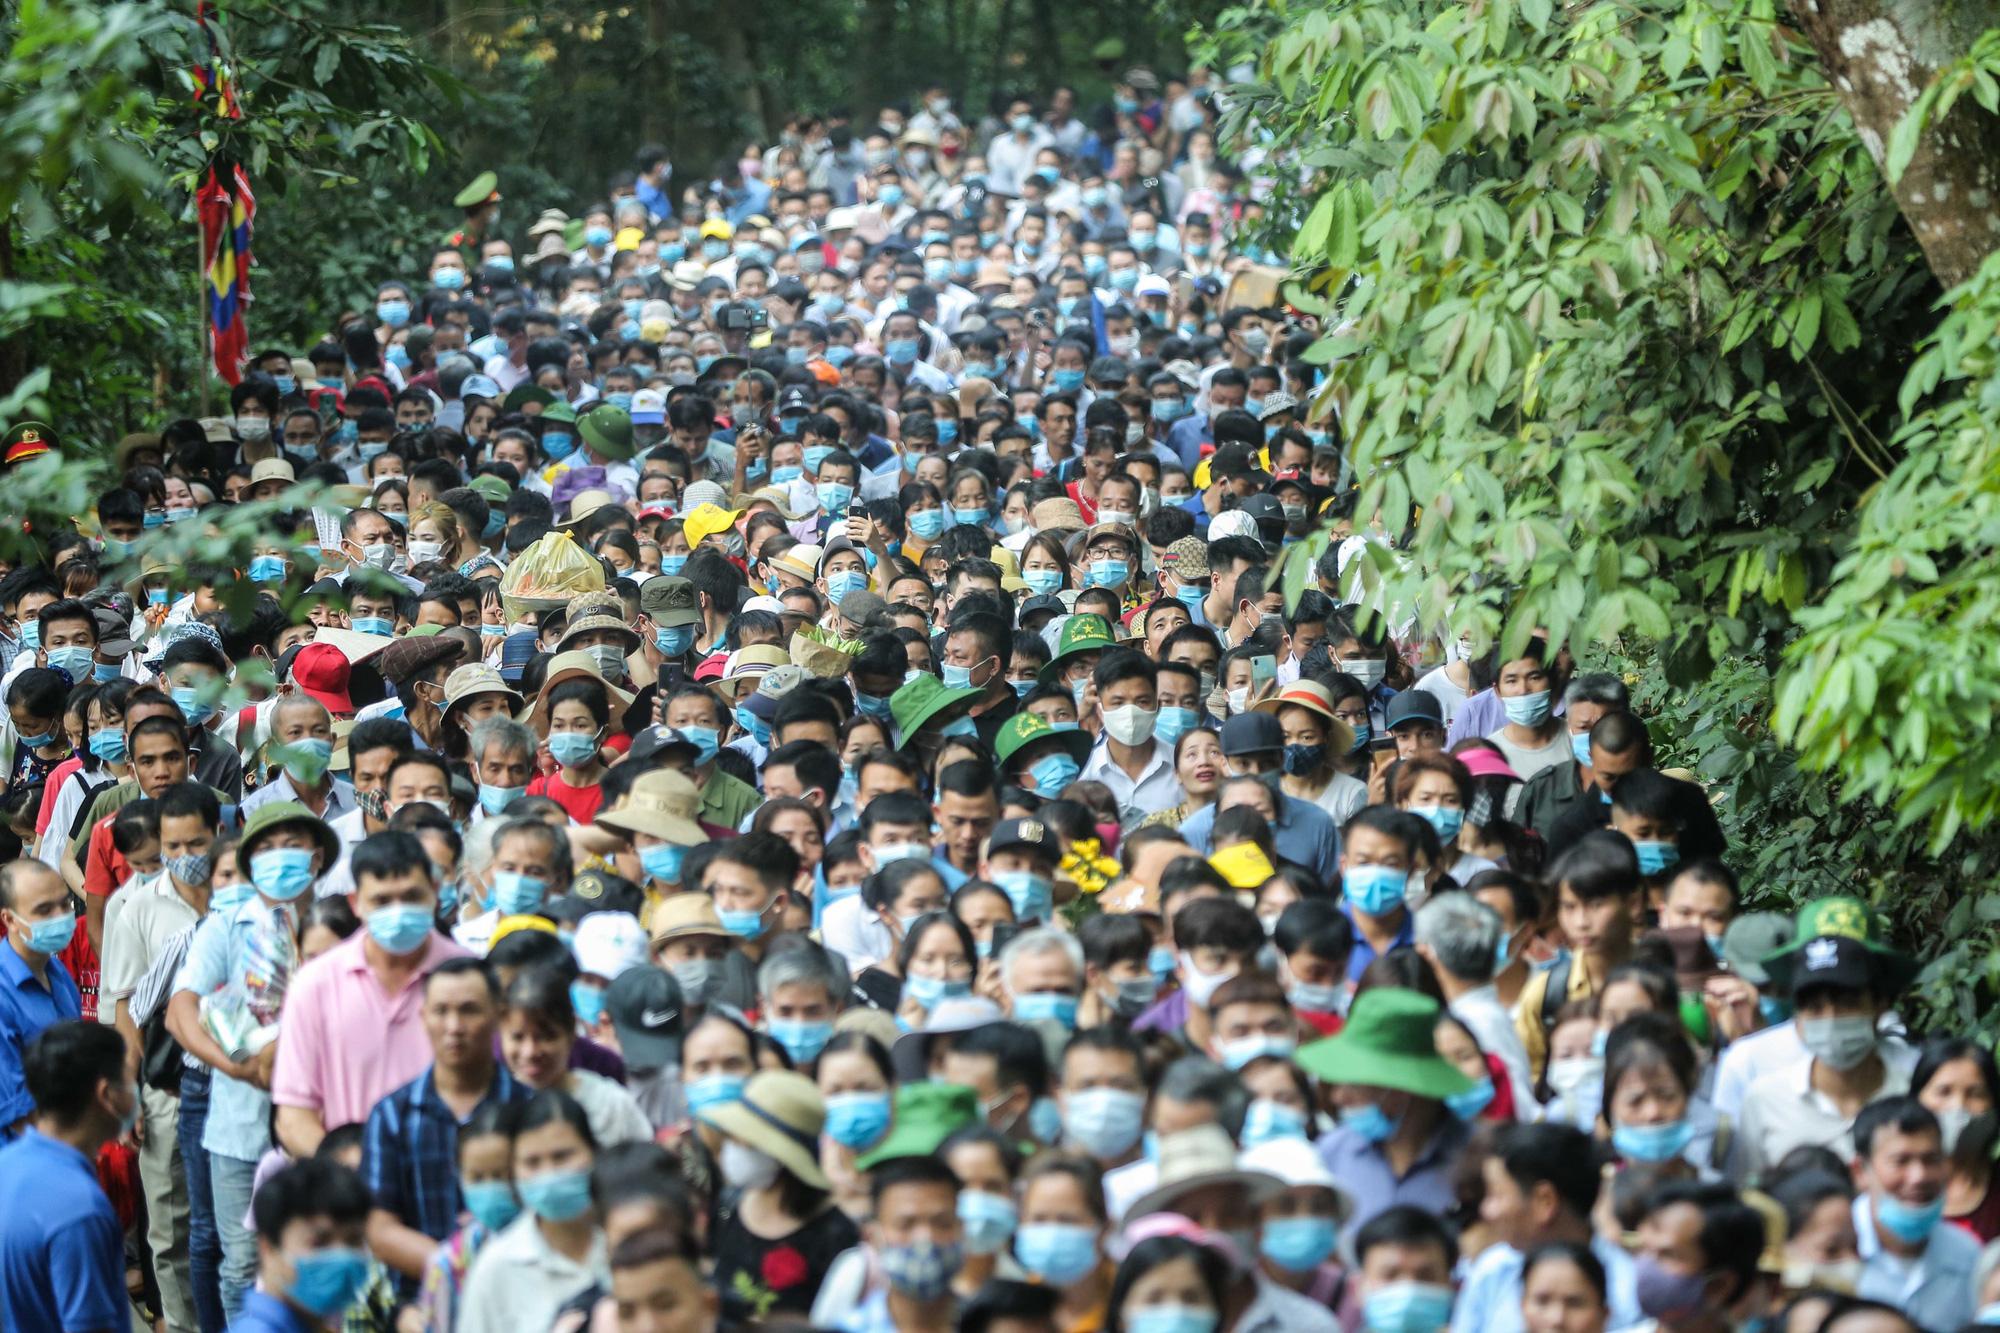 Video: Hàng vạn người chen chúc dâng lễ tại đền Hùng ngày chính hội  - Ảnh 2.